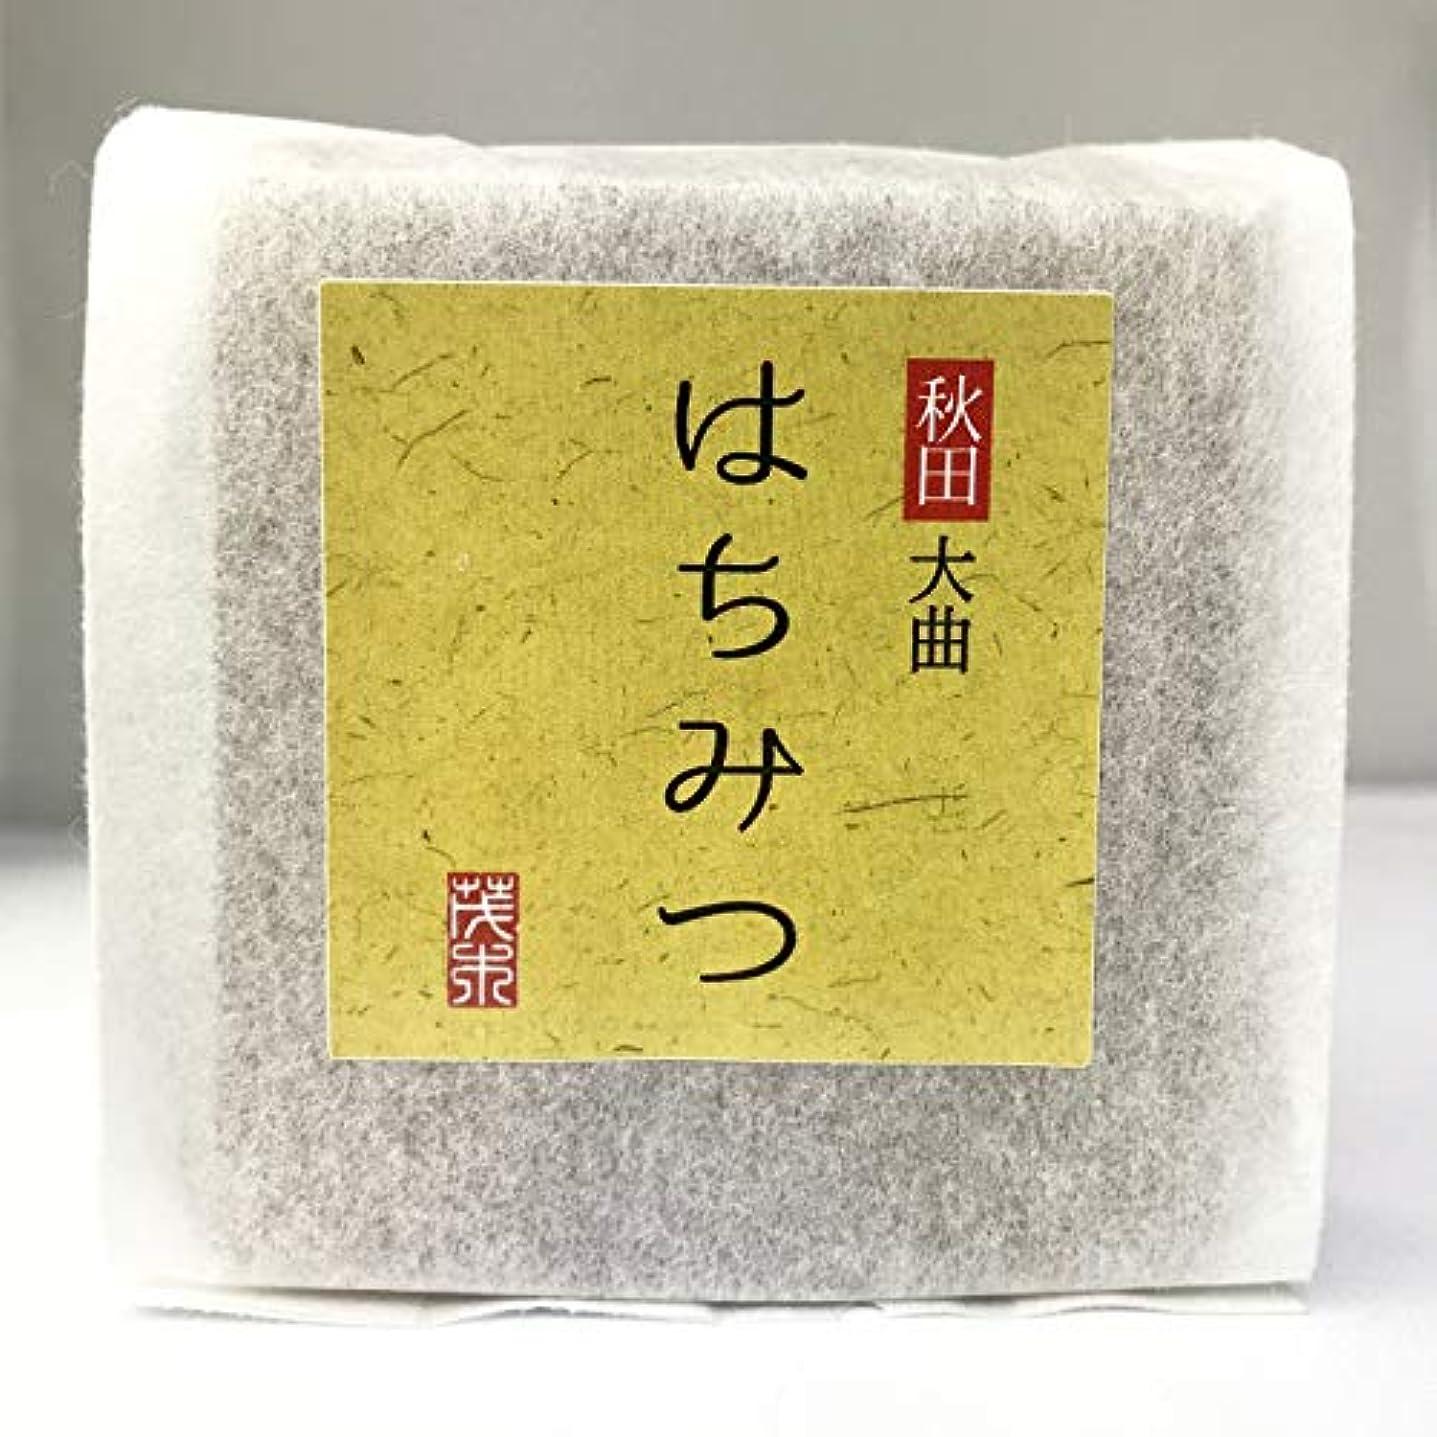 砂の複雑なリゾート無添加石鹸 はちみつ石鹸 100g